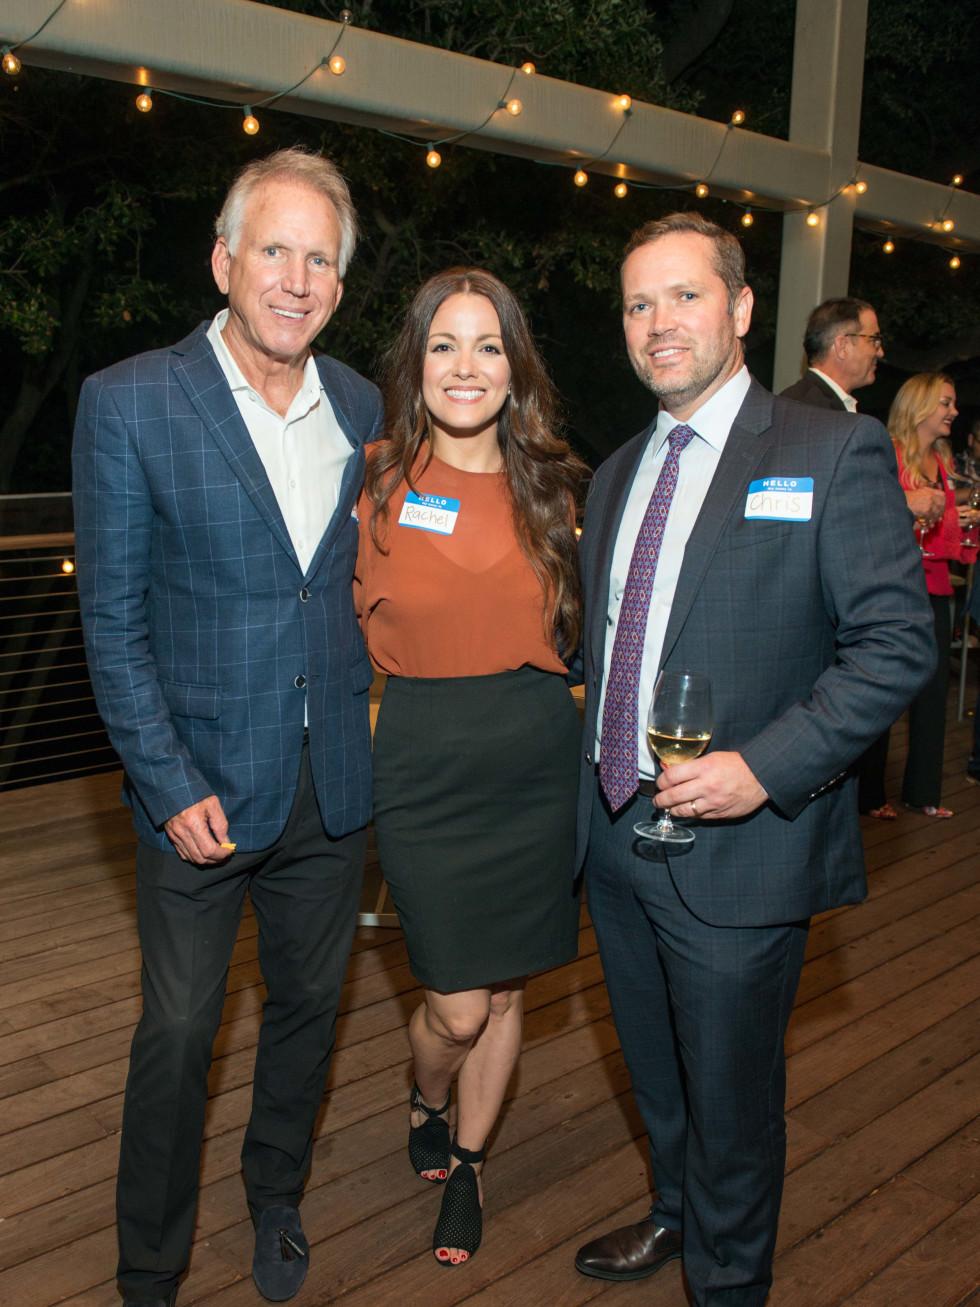 Automotive Map launch party 2019 Lonnie Schiller, Rachel Conrad, and Chris Dvorachek